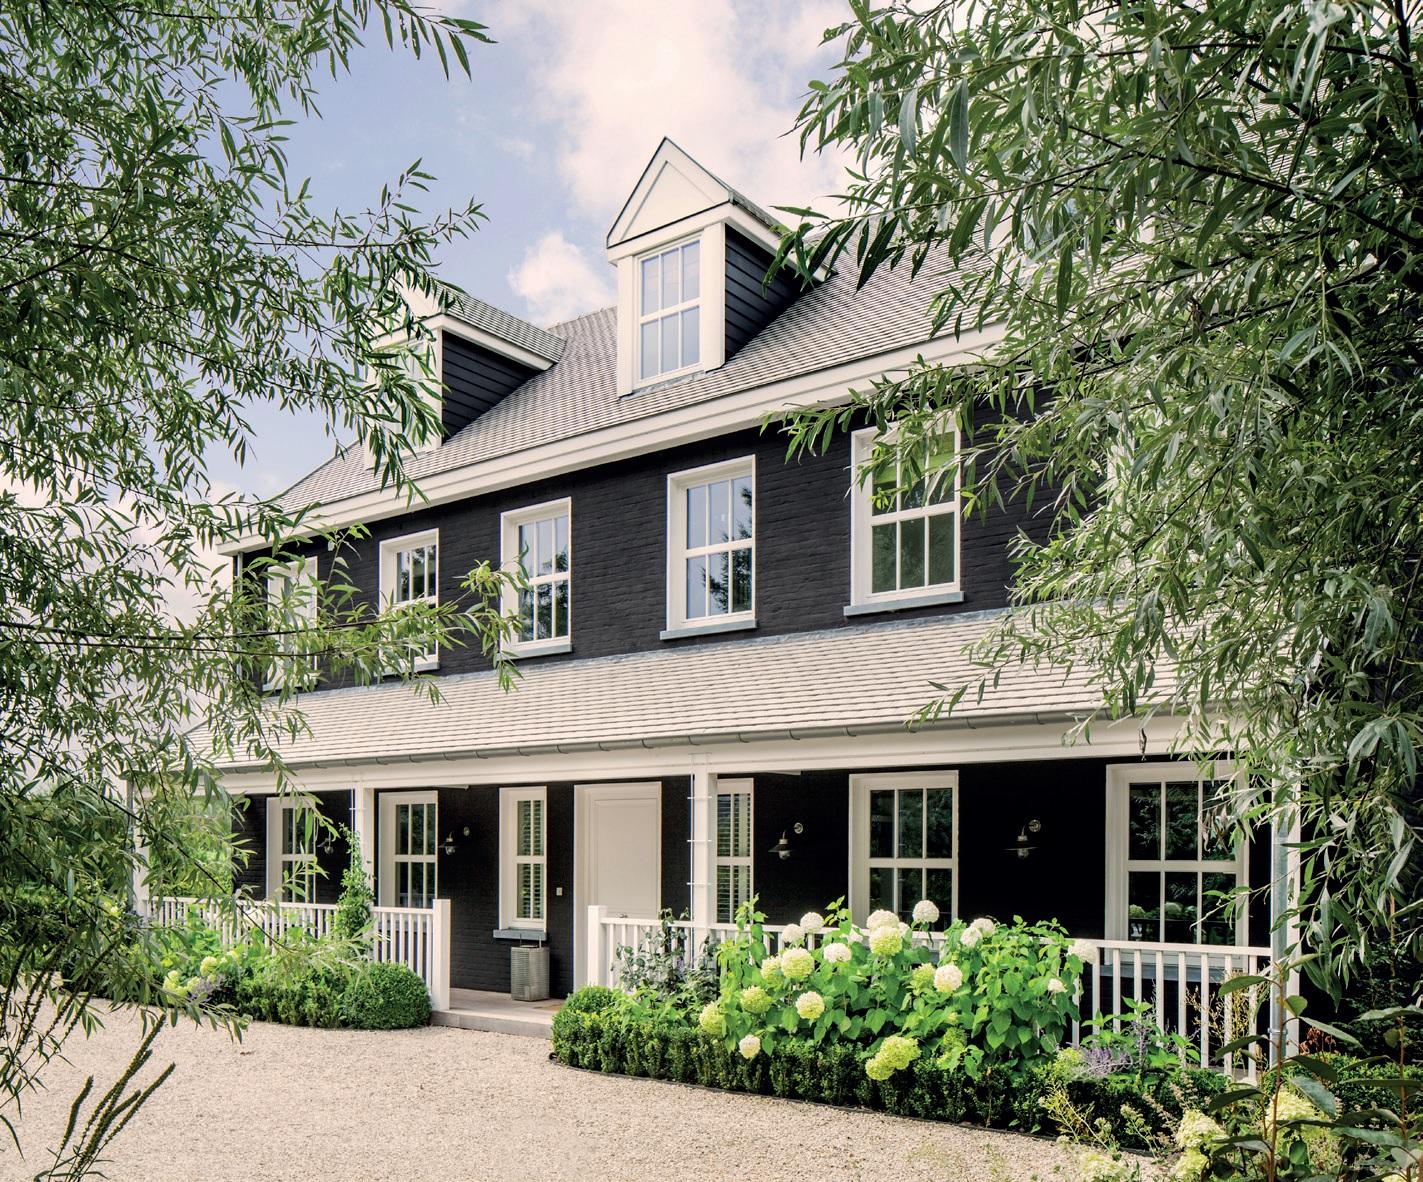 maison 4 fa ades en bois massif masser. Black Bedroom Furniture Sets. Home Design Ideas